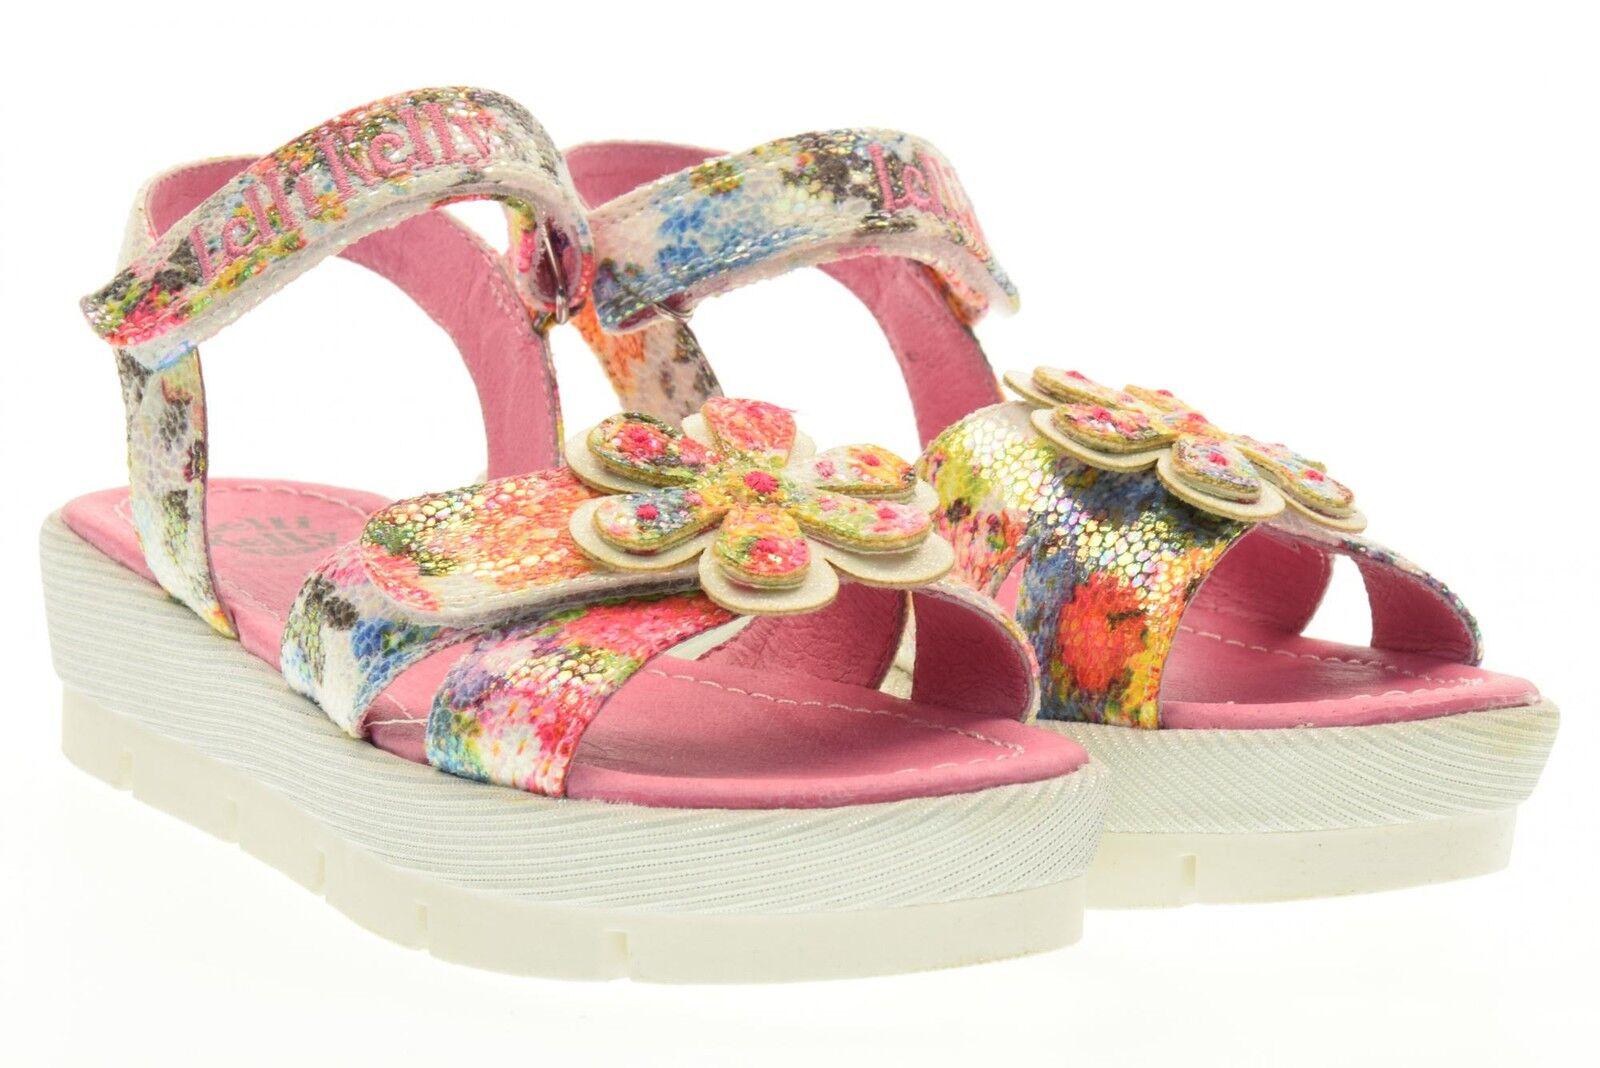 Lelli Kelly scarpe bambina sandali LK4520 FIORE FANTASIA P17